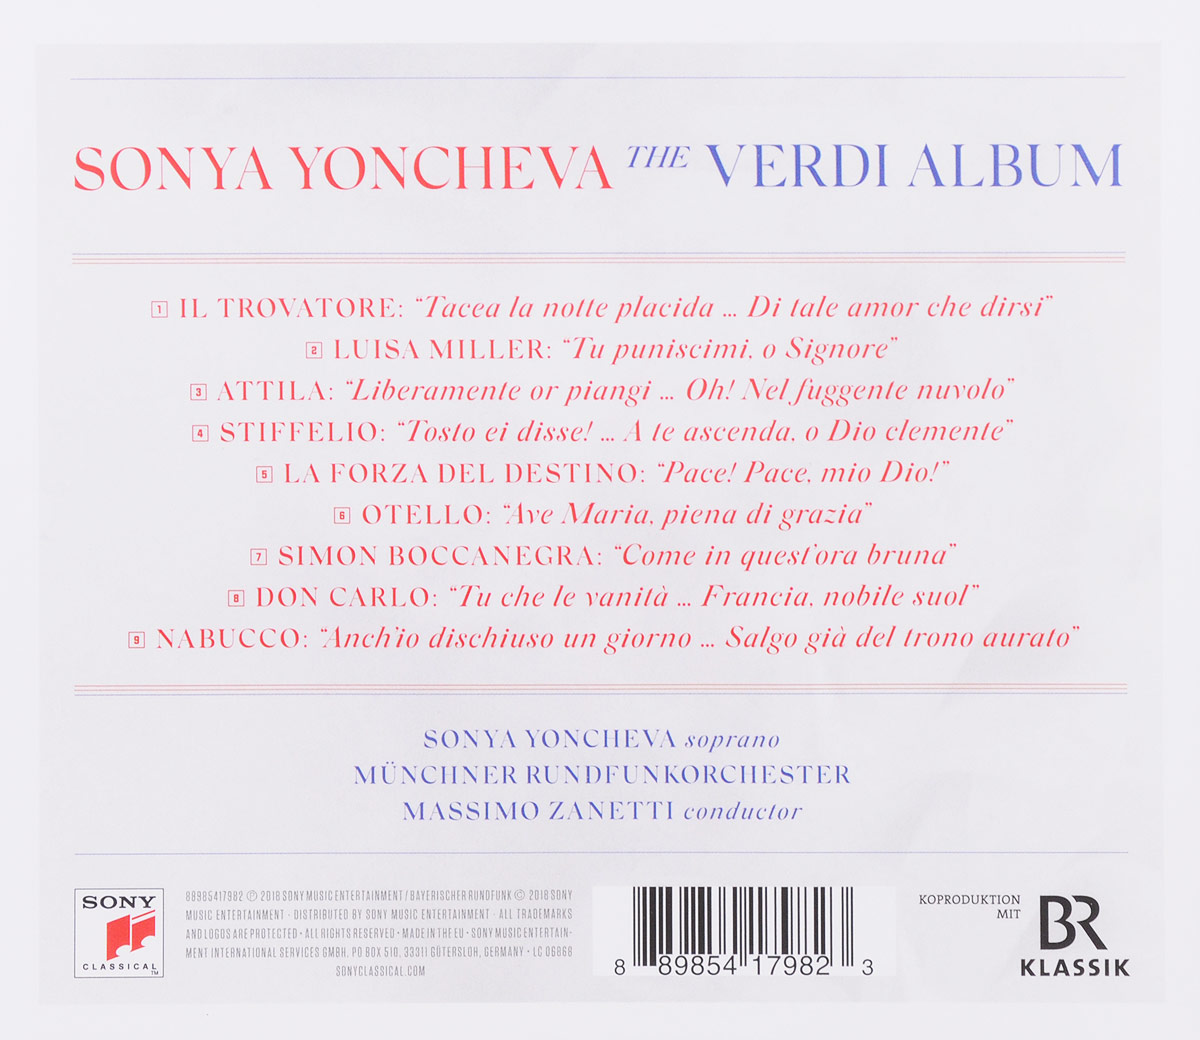 Sonya Yoncheva.  The Verdi Album